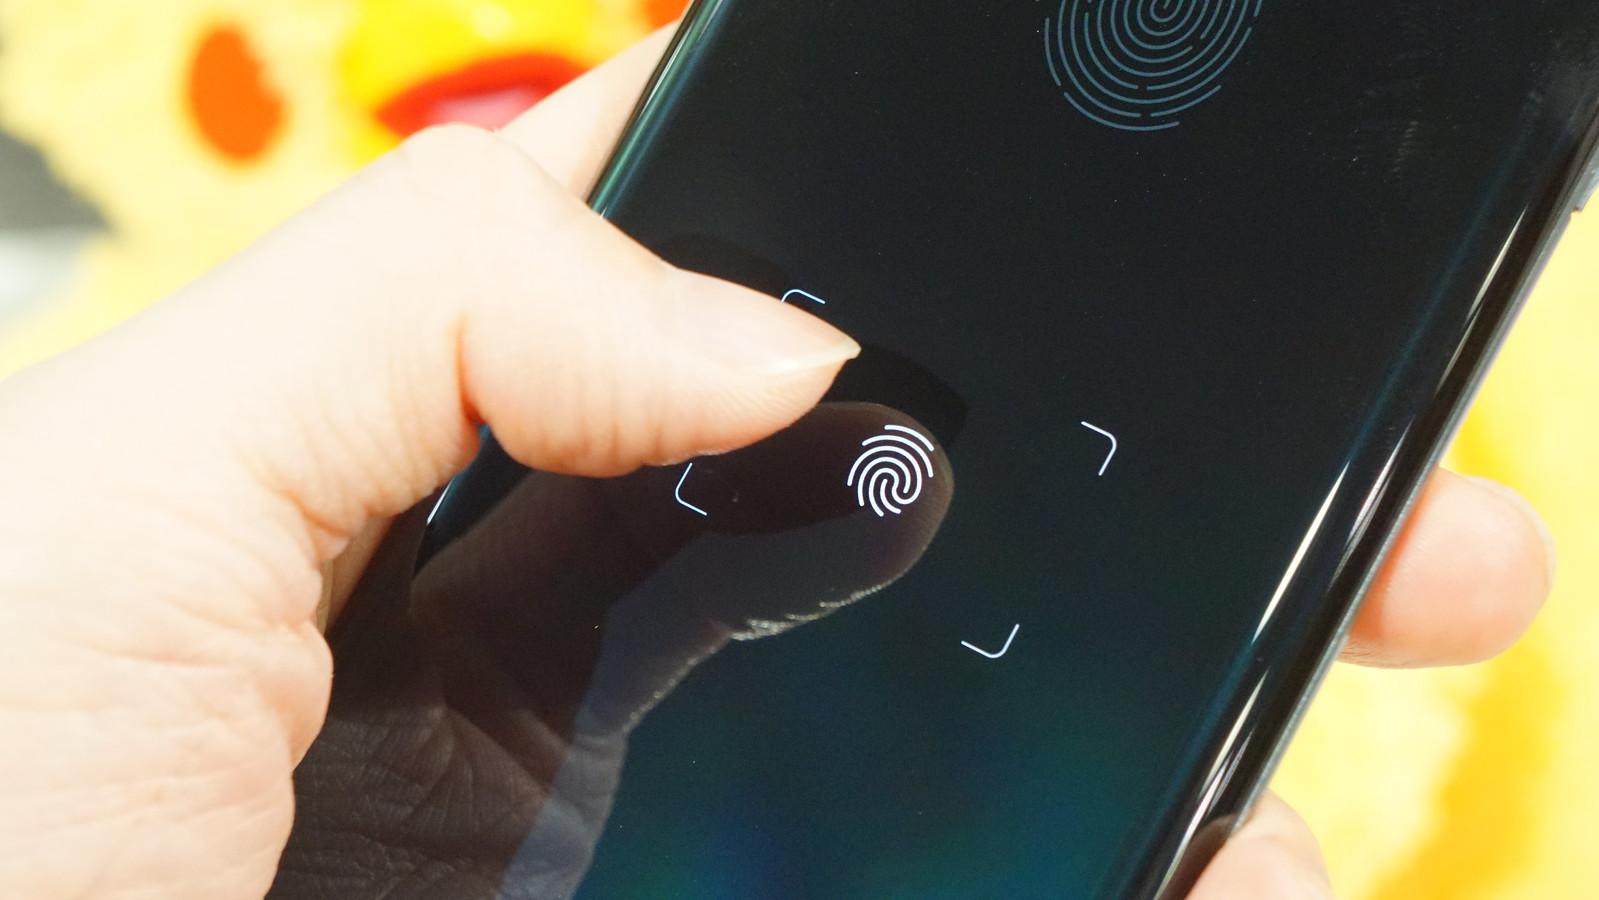 AQUOS R6。面積が11倍に拡大した指紋認証センサー。2本指認証で20倍のセキュリティを実現。ロック解除と同時にd払いを起動できるPayトリガー